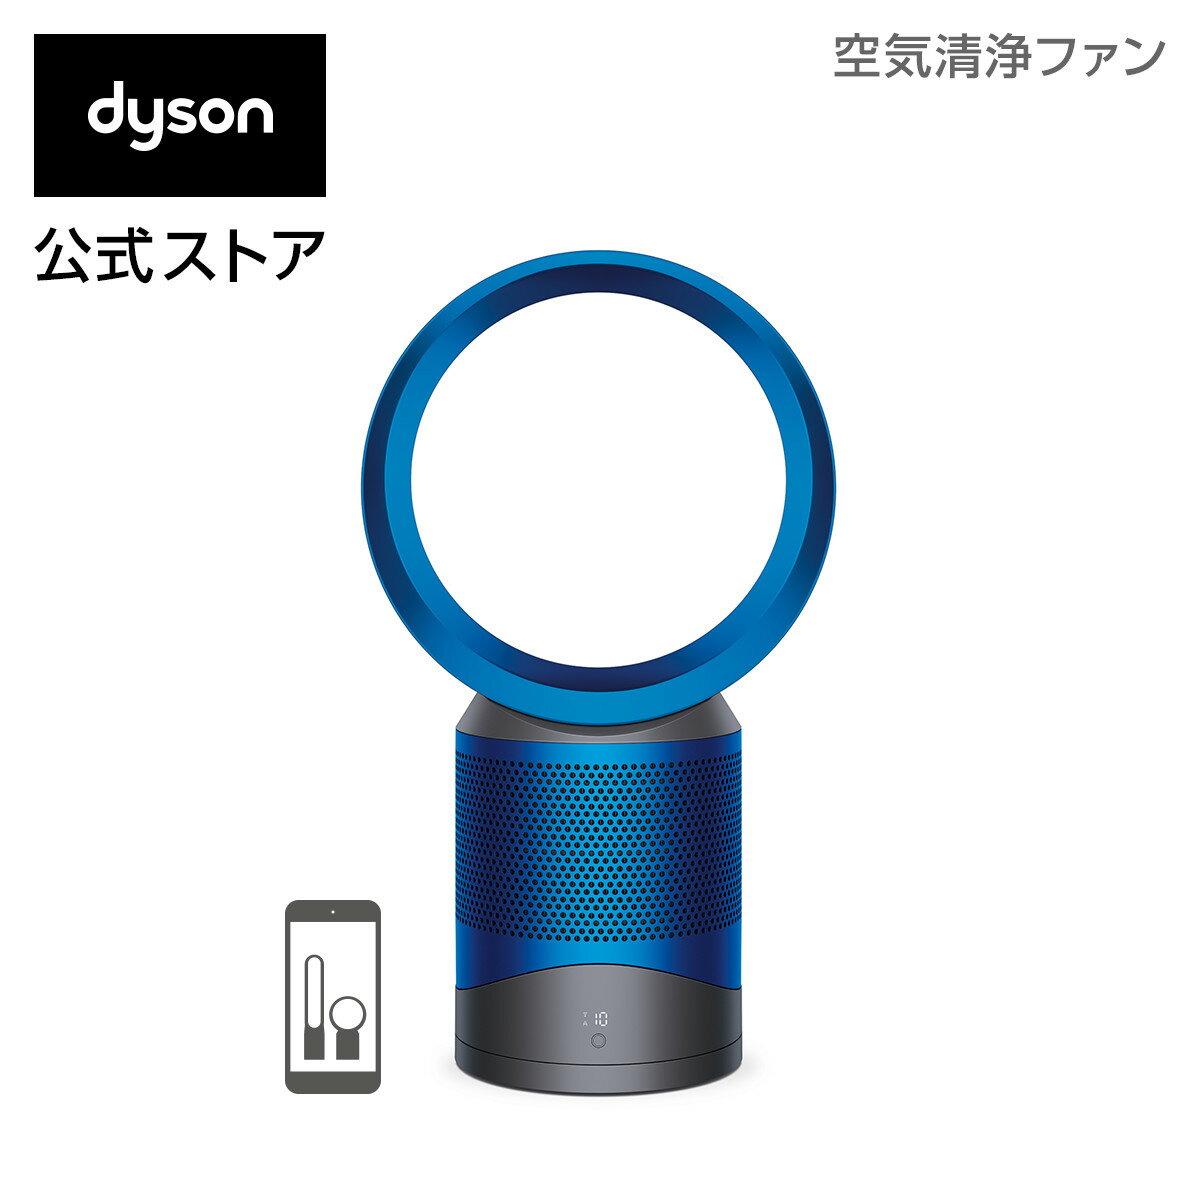 ダイソン Dyson Pure Cool Link DP03 IB 空気清浄機能付テーブルファン 扇風機 アイアン/ブルー 【新品/メーカー2年保証】